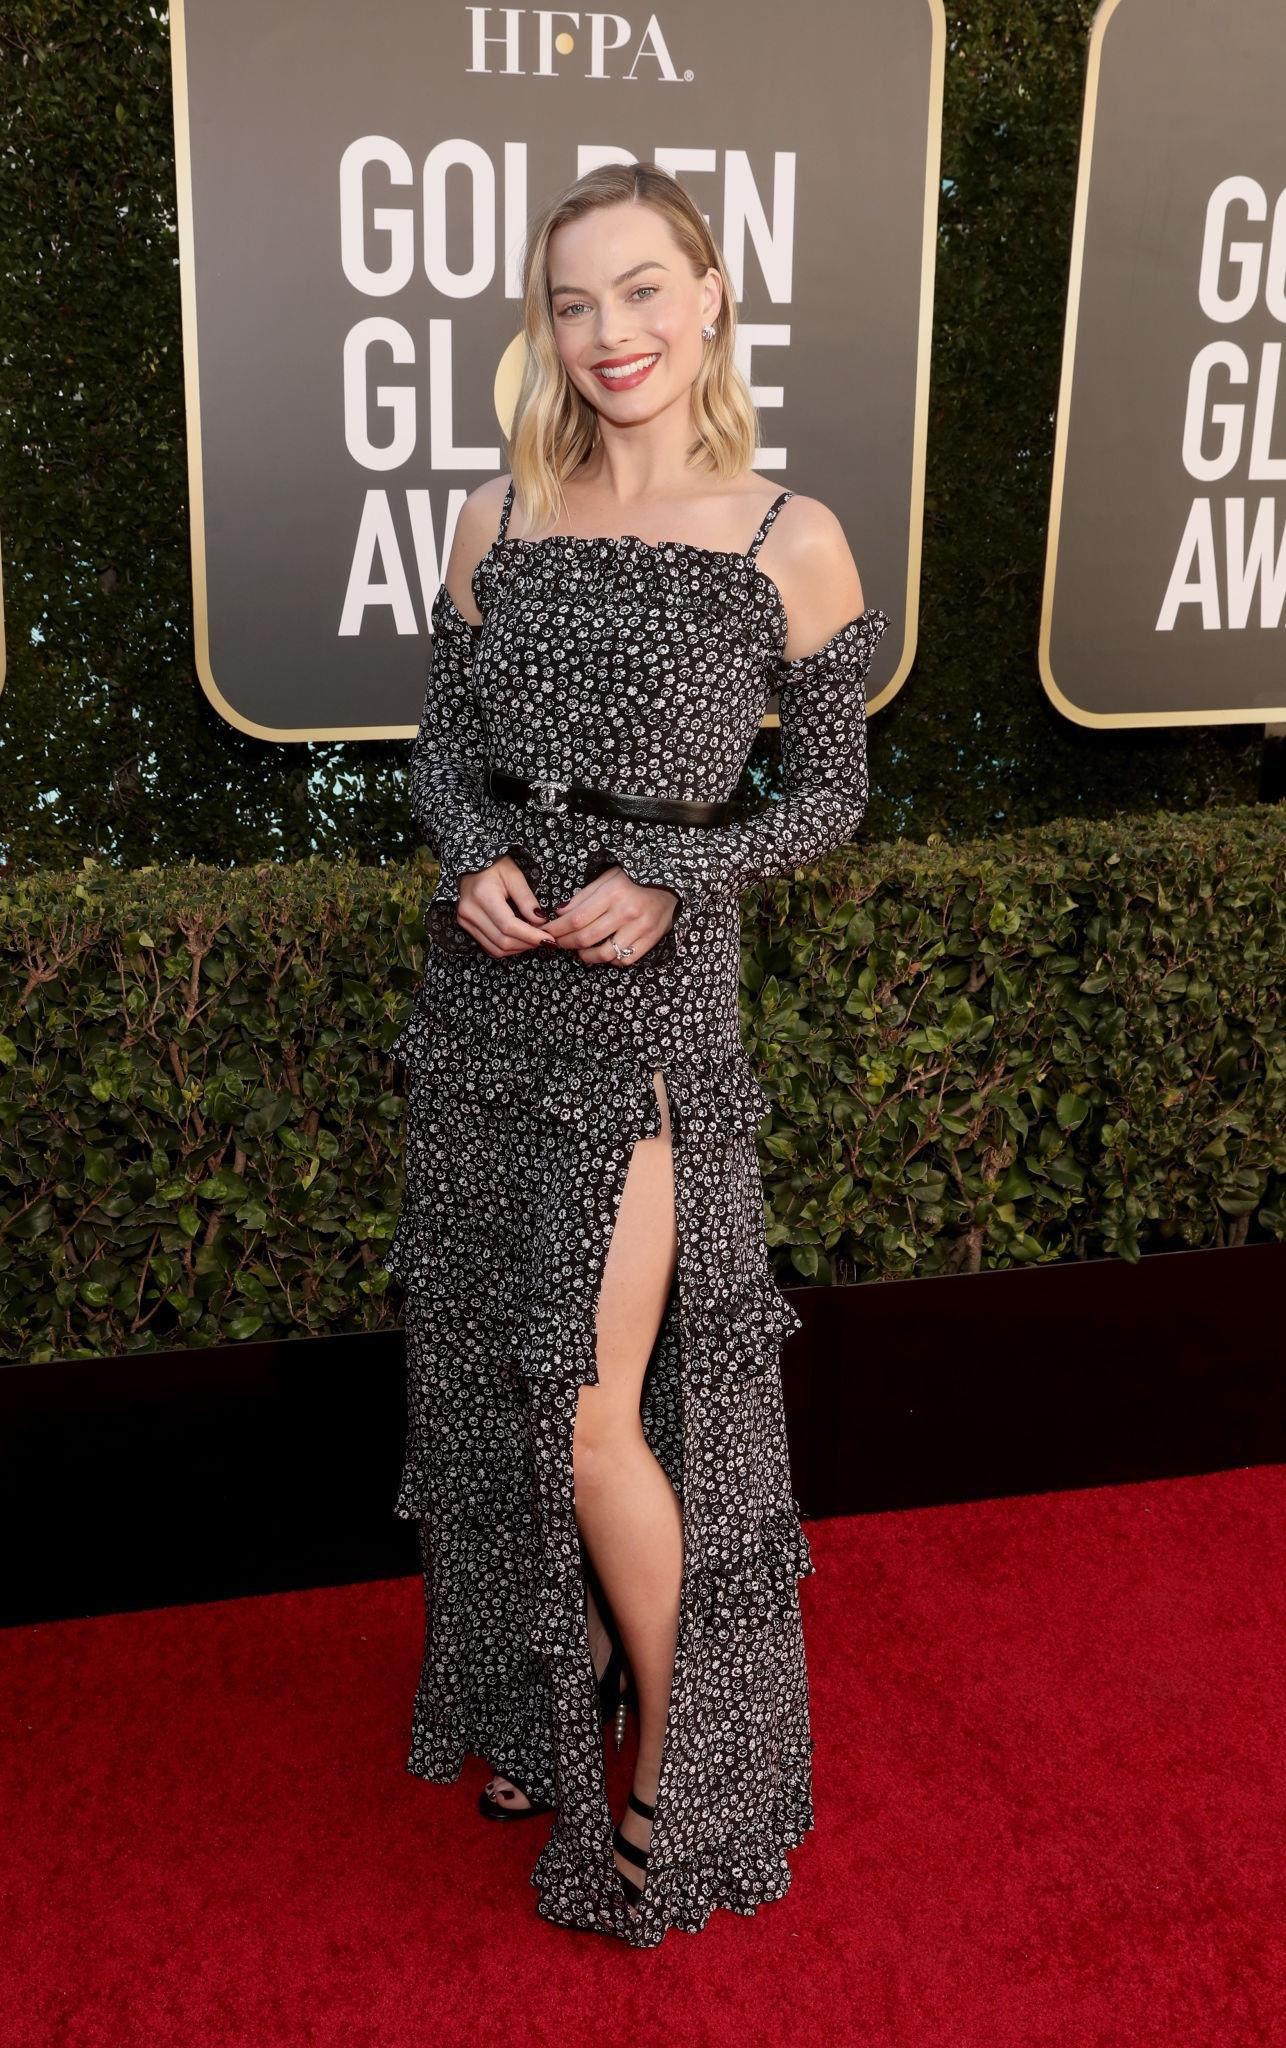 Thảm đỏ lạ nhất lịch sử Golden Globes: Harley Quinn dừ chát, Gal Gadot đẹp mê mẩn, nhìn Lily Collins còn choáng hơn - Ảnh 3.